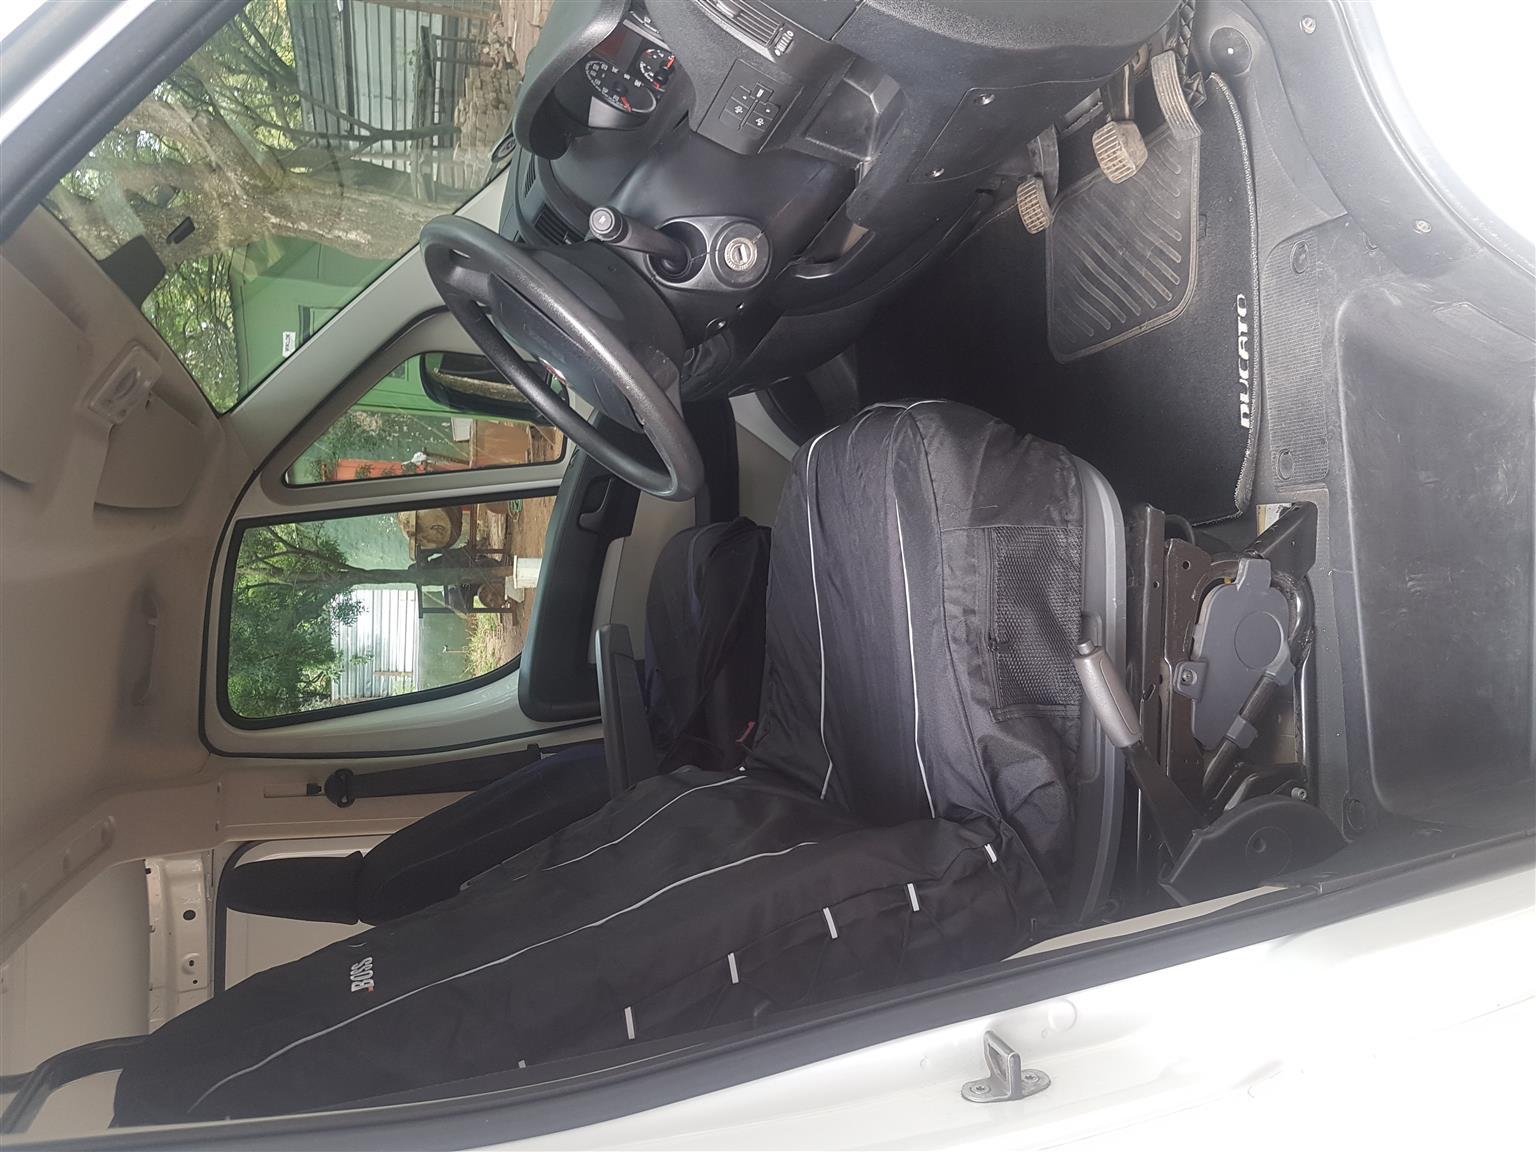 2013 Fiat Ducato 2.3 Multijet CH2